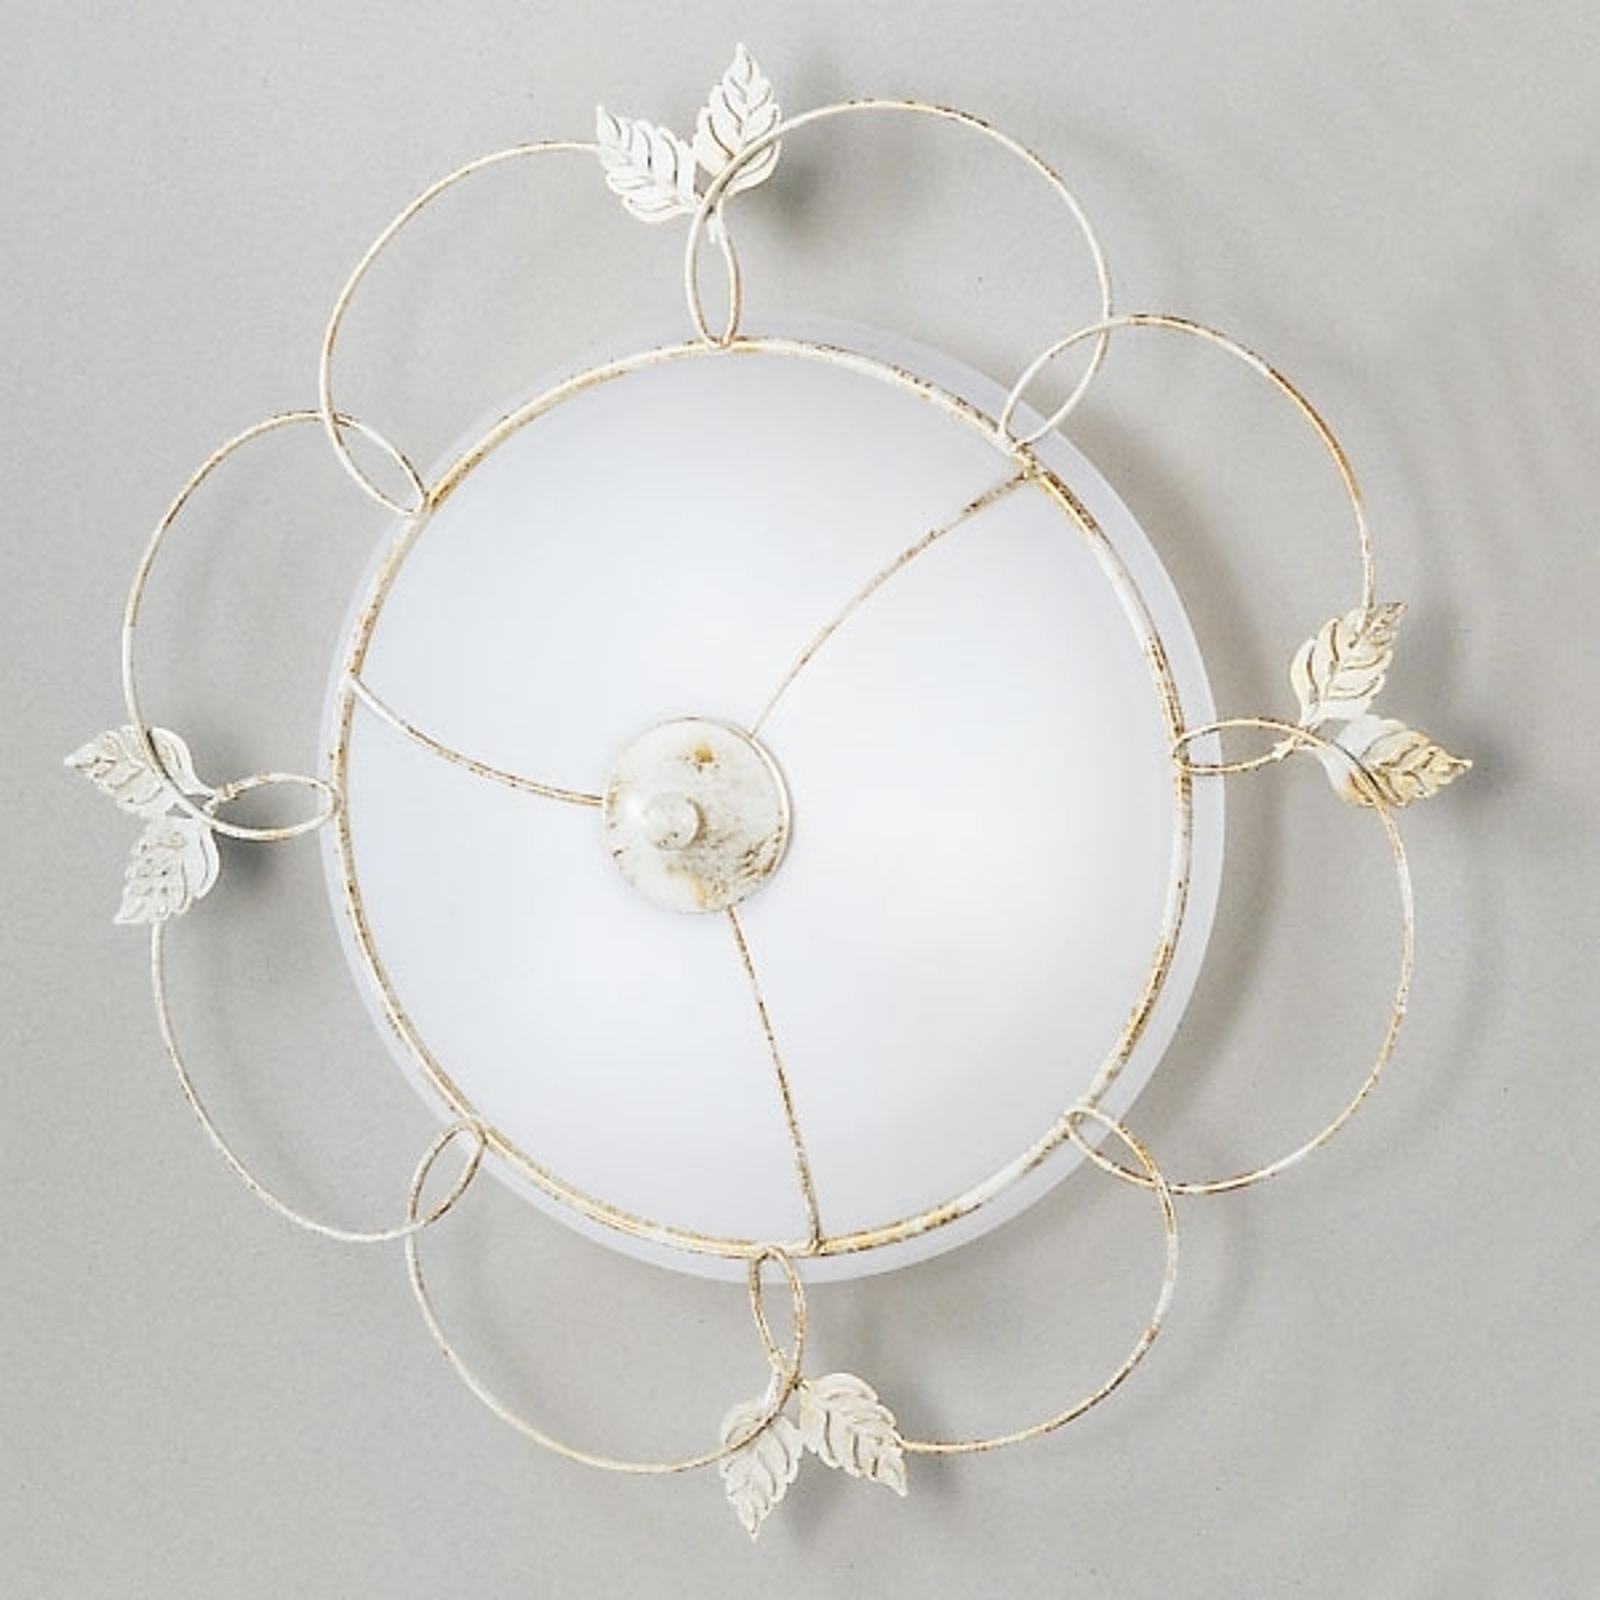 FLORA taklampe, designet av Kögl